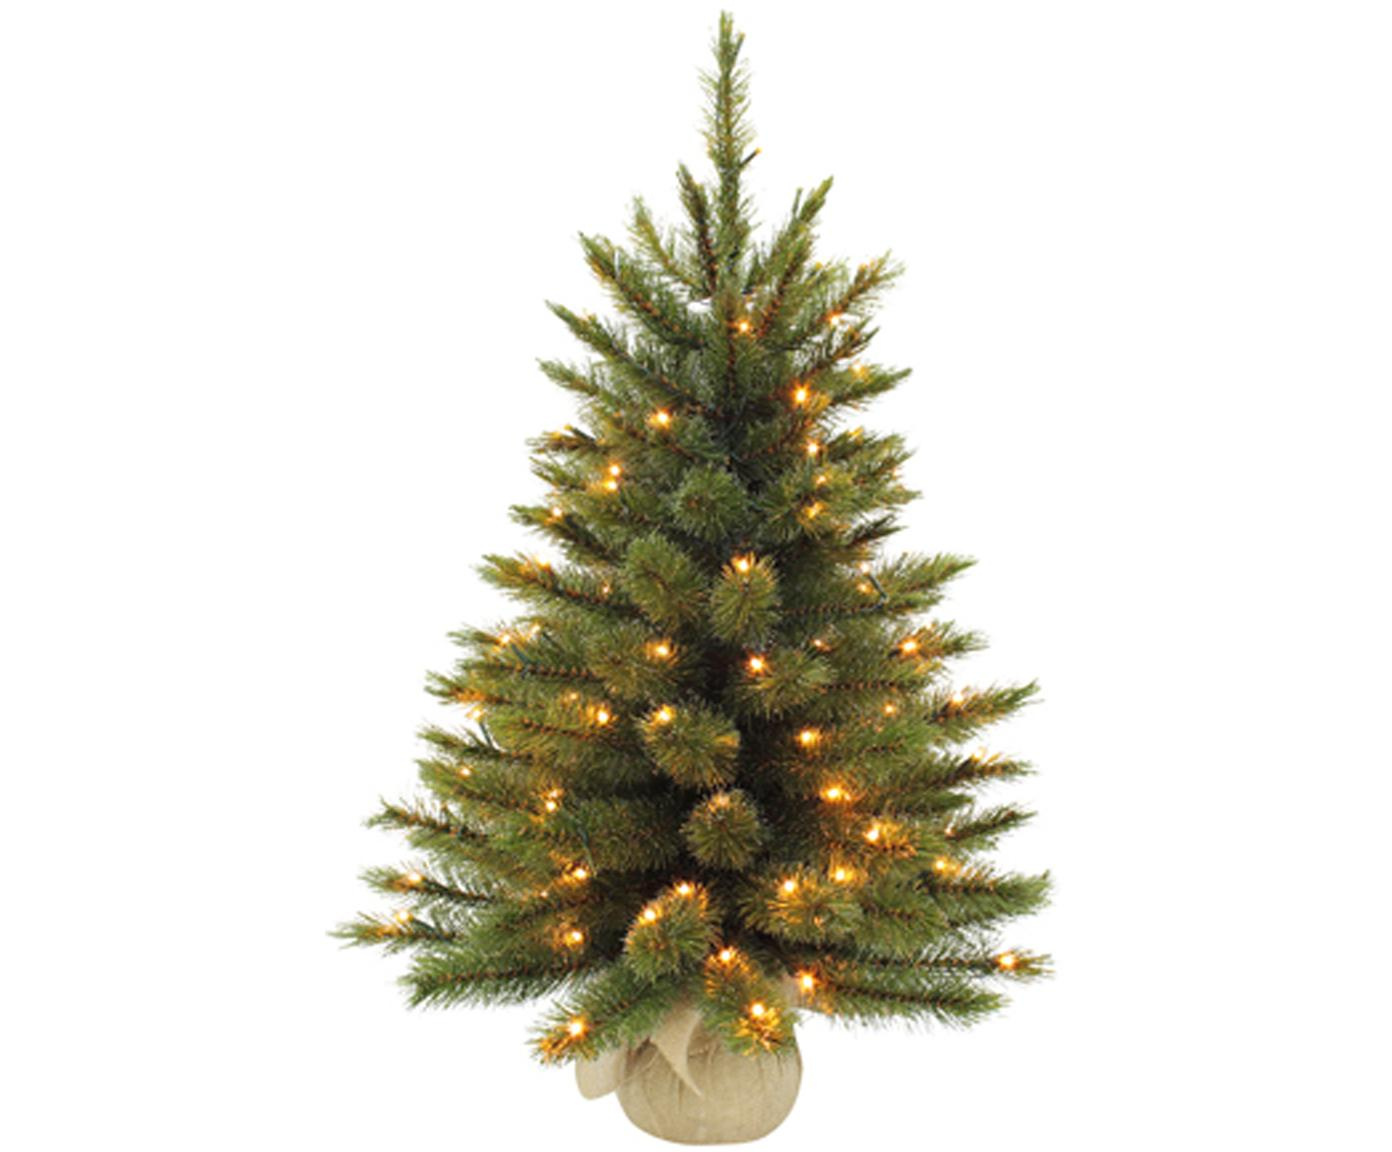 Künstlicher LED Weihnachtsbaum Forest, Grün, Ø 46 x H 60 cm